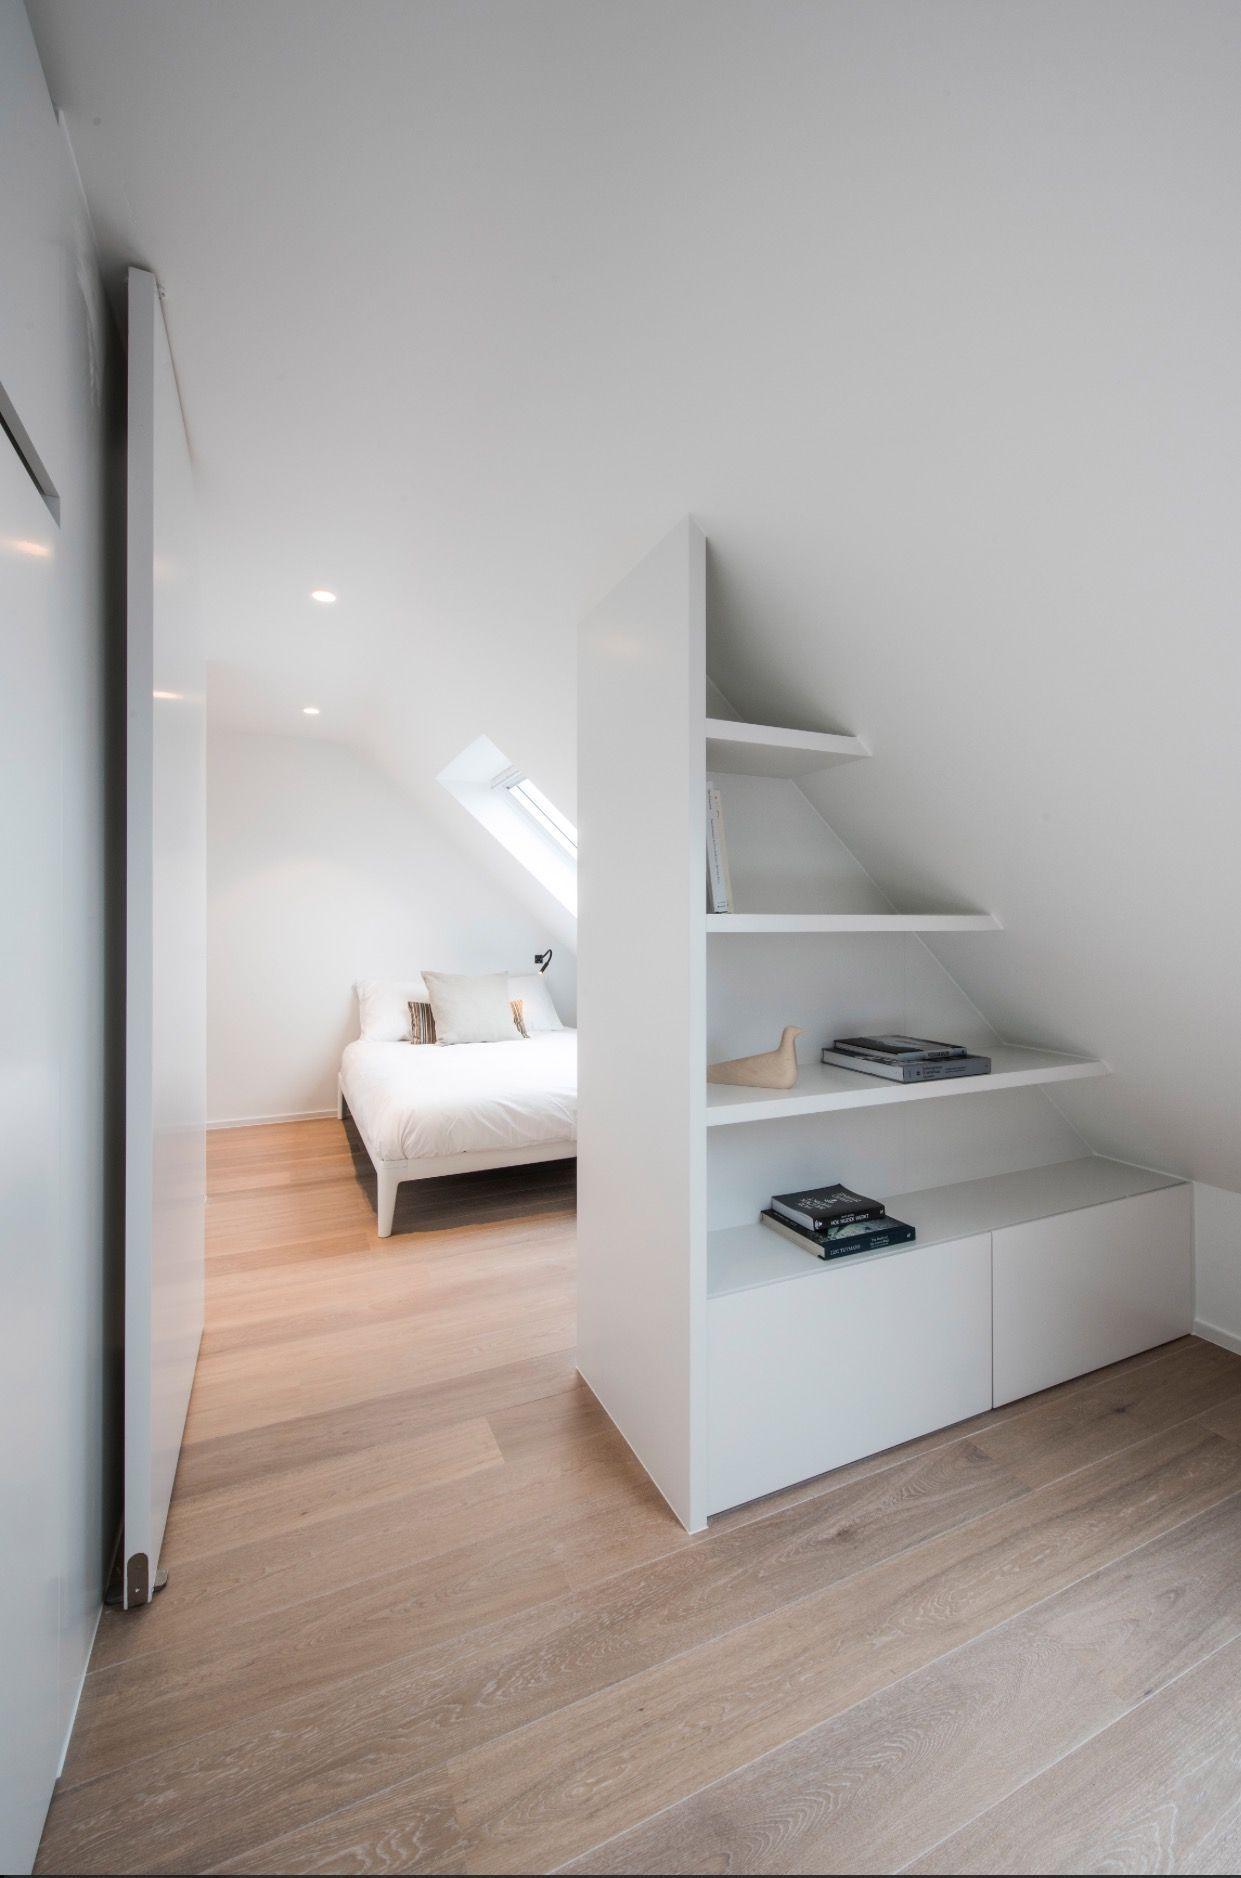 Schlafzimmer Einrichten Dachgeschoss Dachboden Ideen